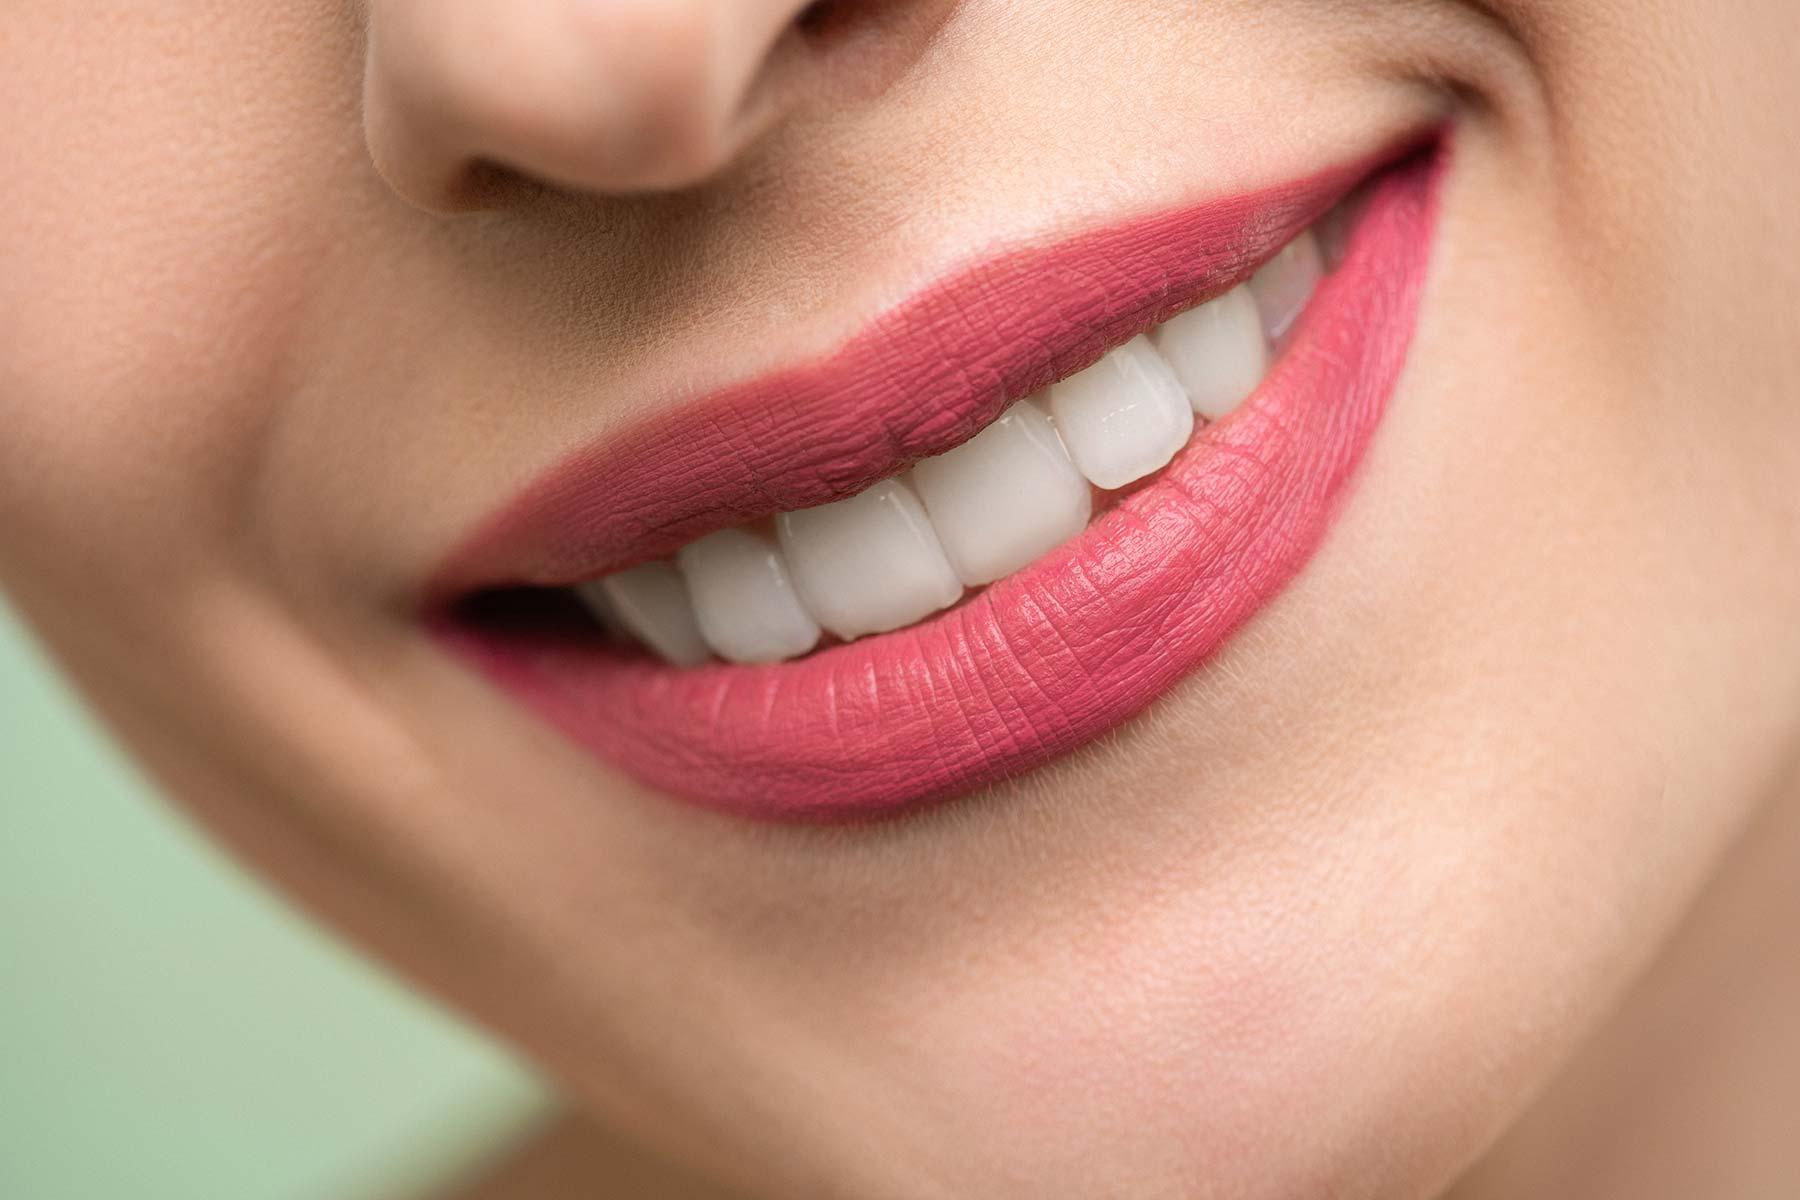 Ästhetische Zahnmedizin, Behandlung von Zahnfehlstellung und Zahnentwicklungsstörungen